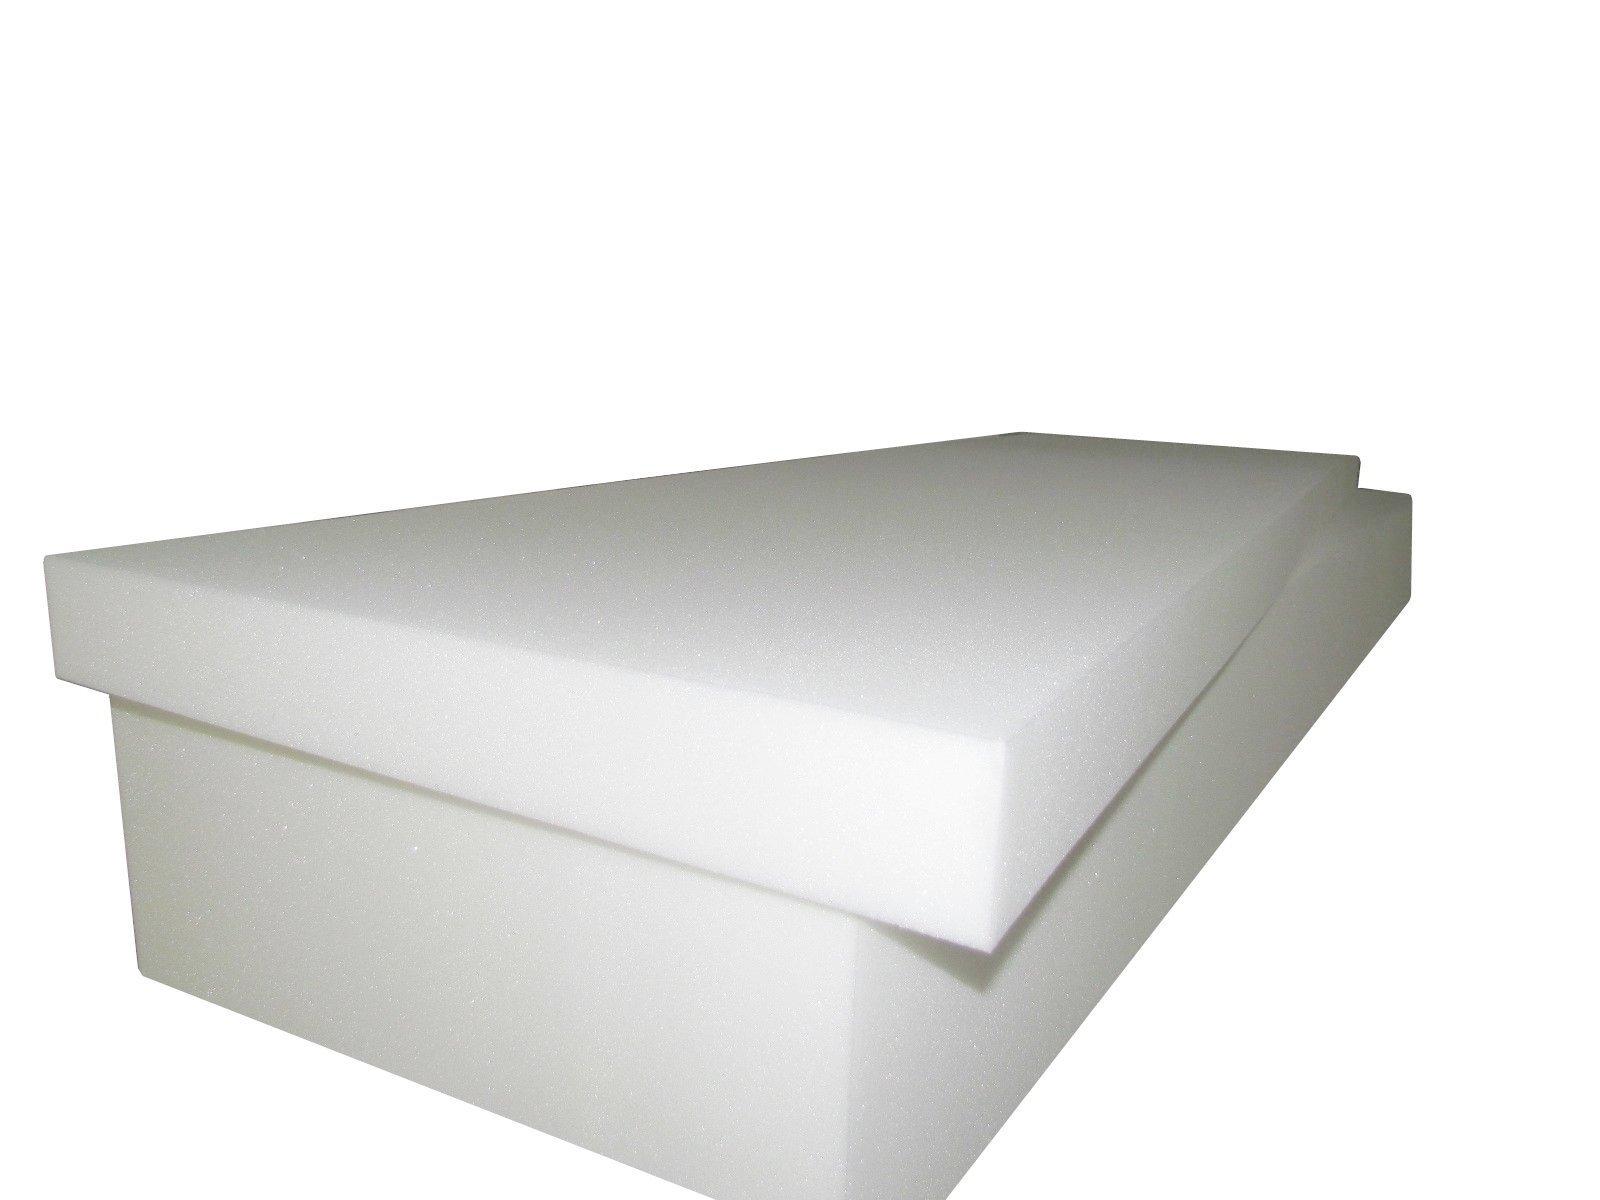 Foam Cushion 5''T x 30''W x 80''L (1536) ''Medium Firm'' Seat Replacement Foam Cushion, Upholstery Foam Slab, Foam Padding